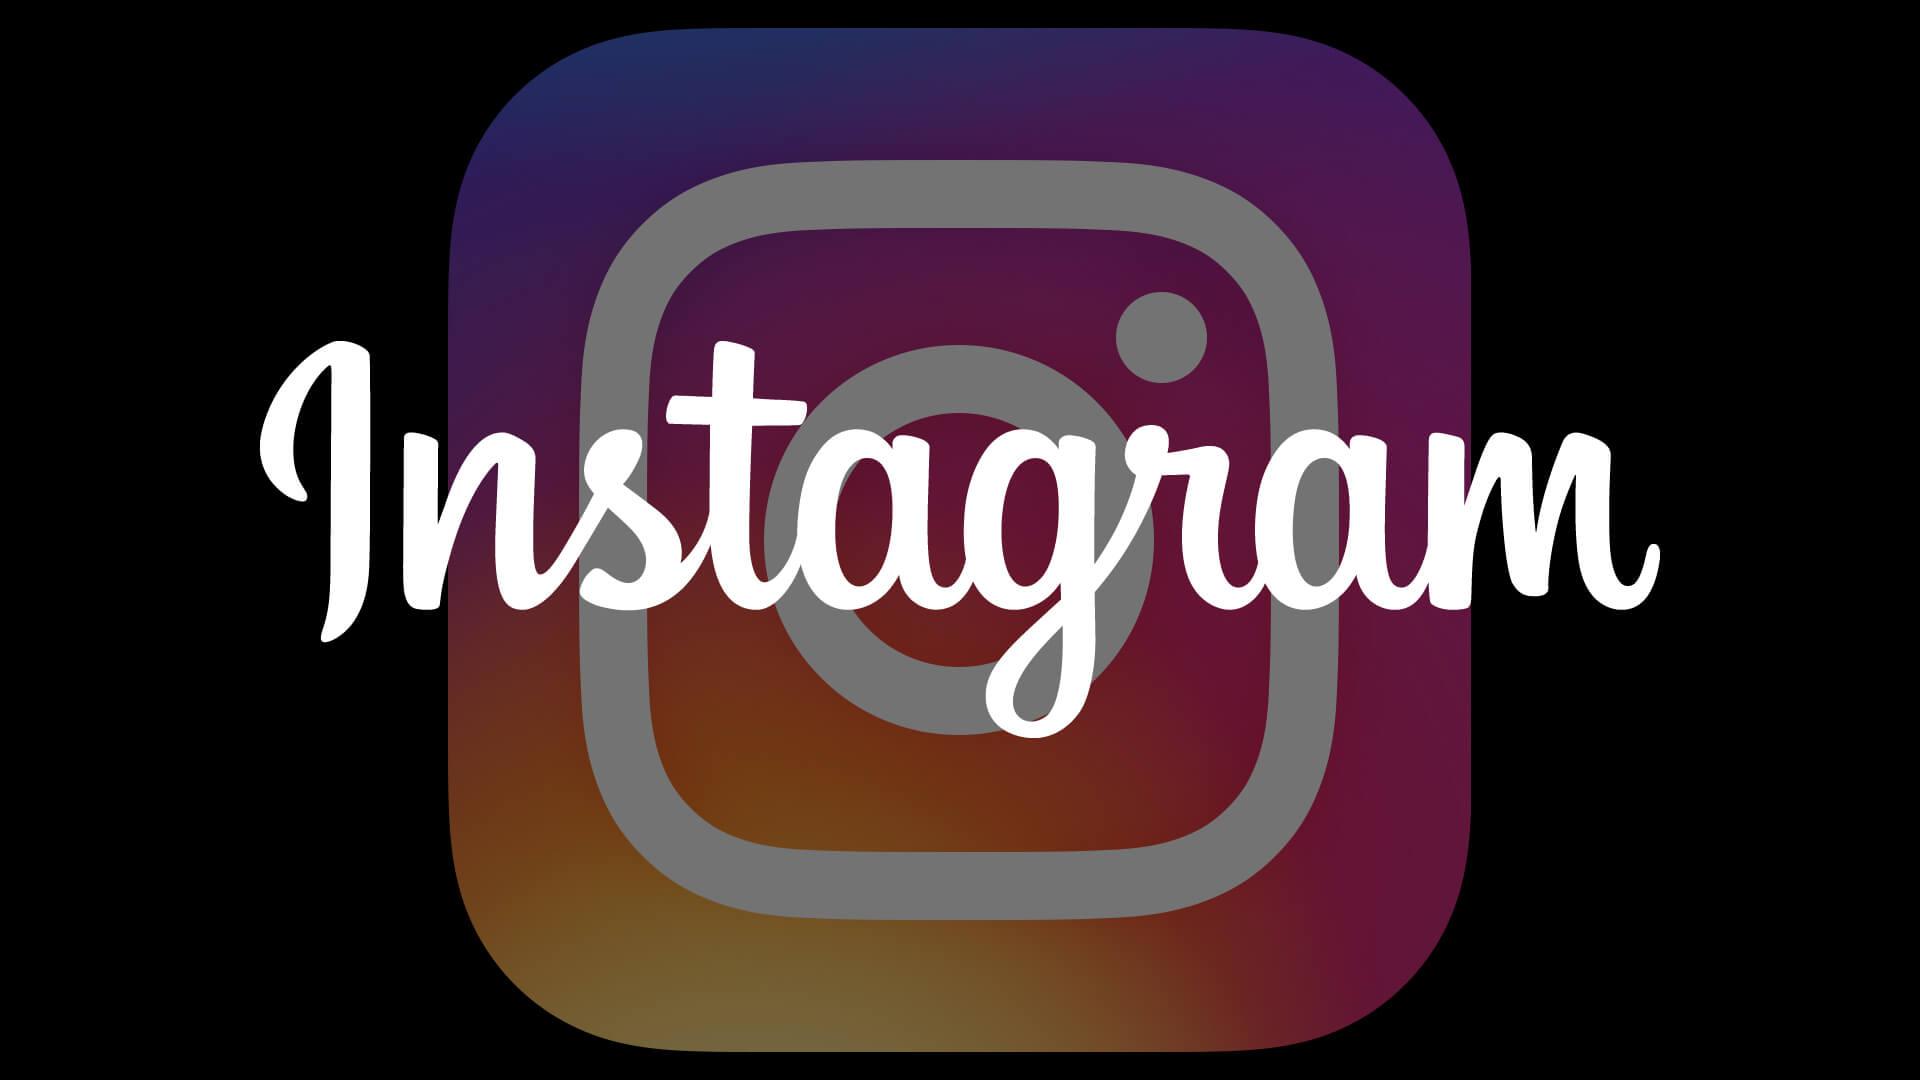 Instagram, come vedere chi visita il mio profilo?